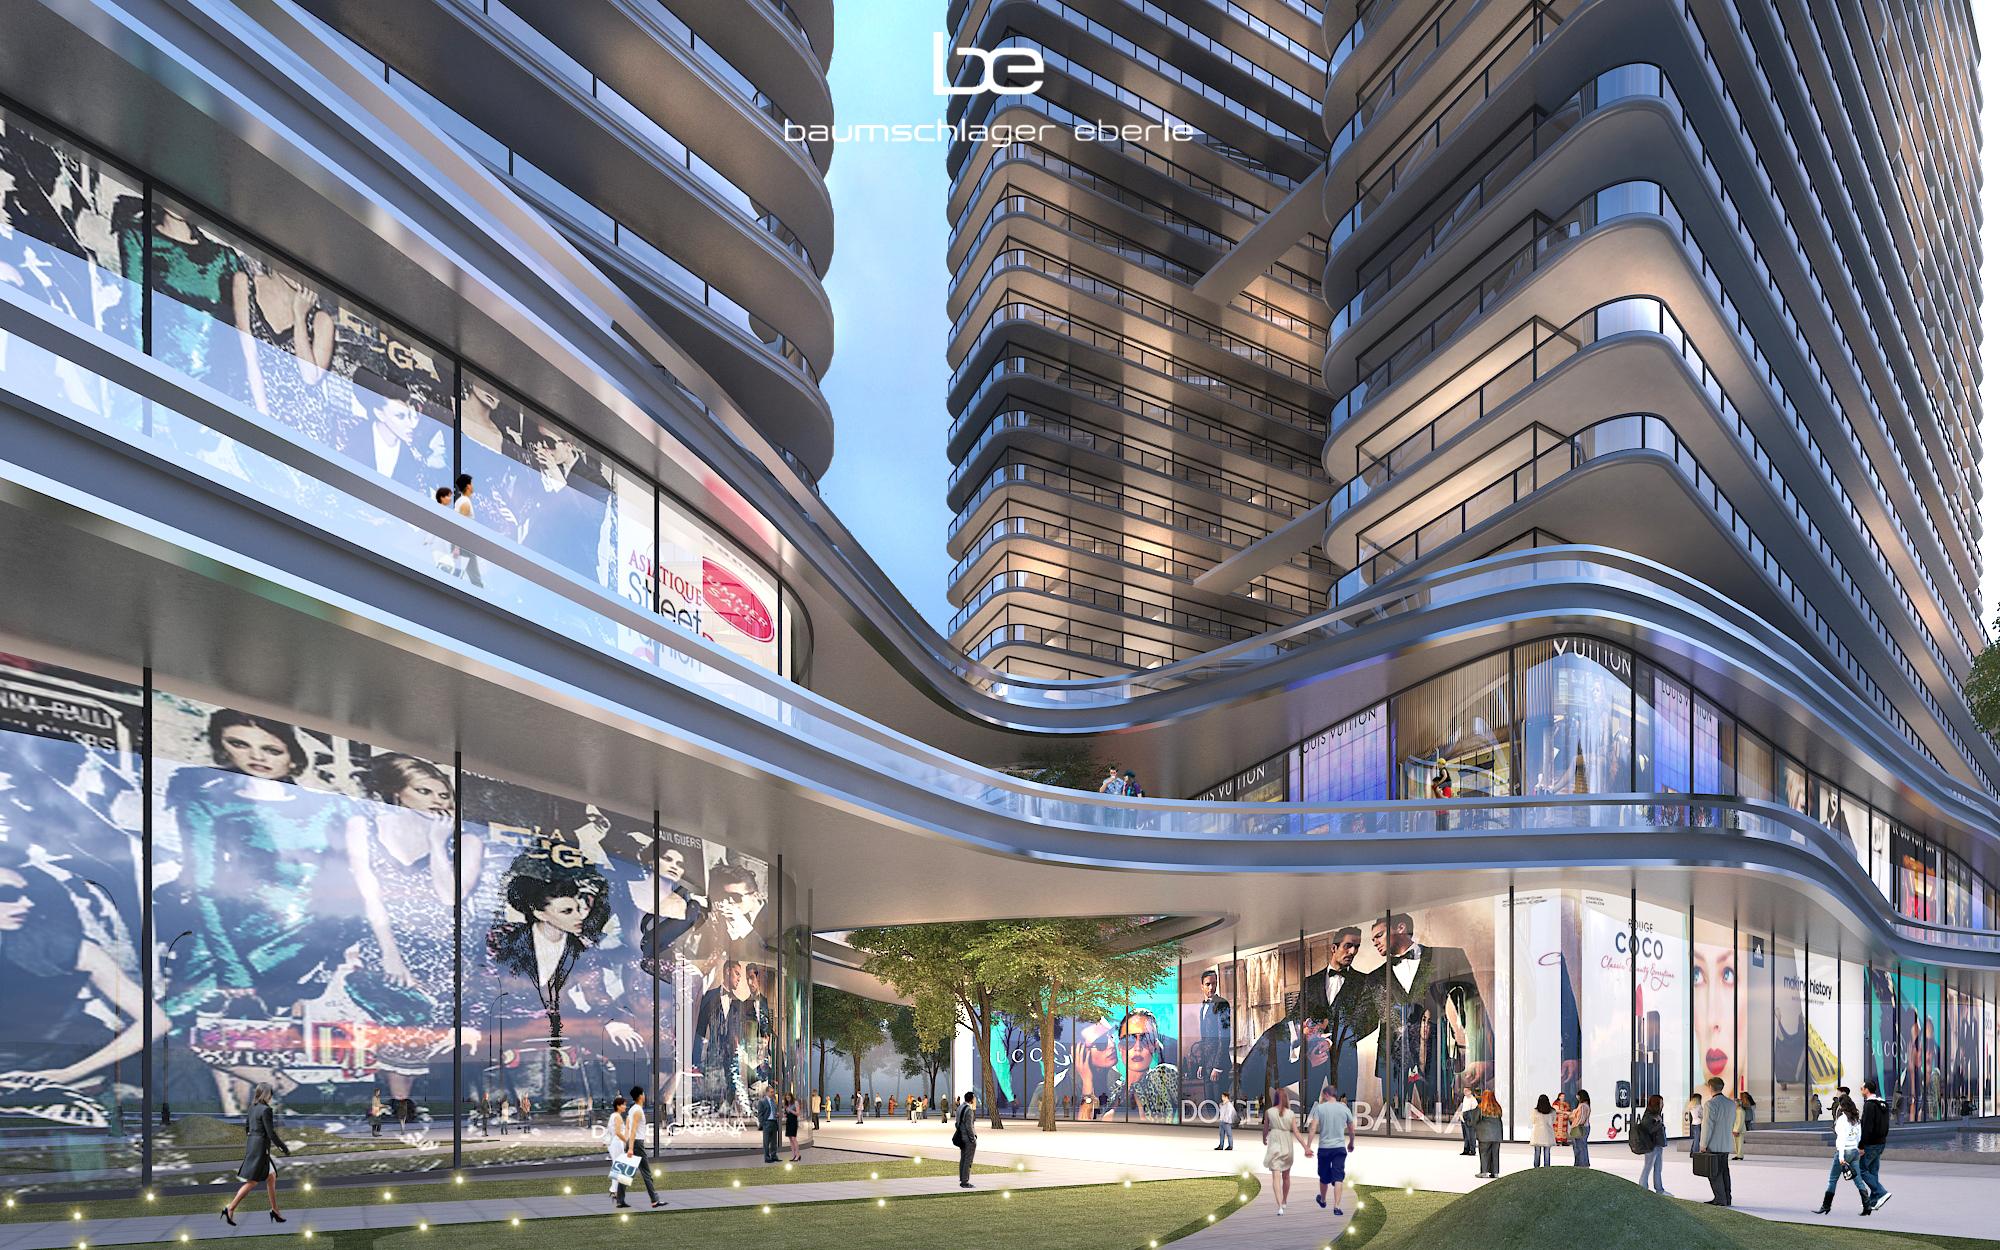 Khách sạn Pullman hotel & Condotel của tập đoàn FLC, quy mô 30 tầng